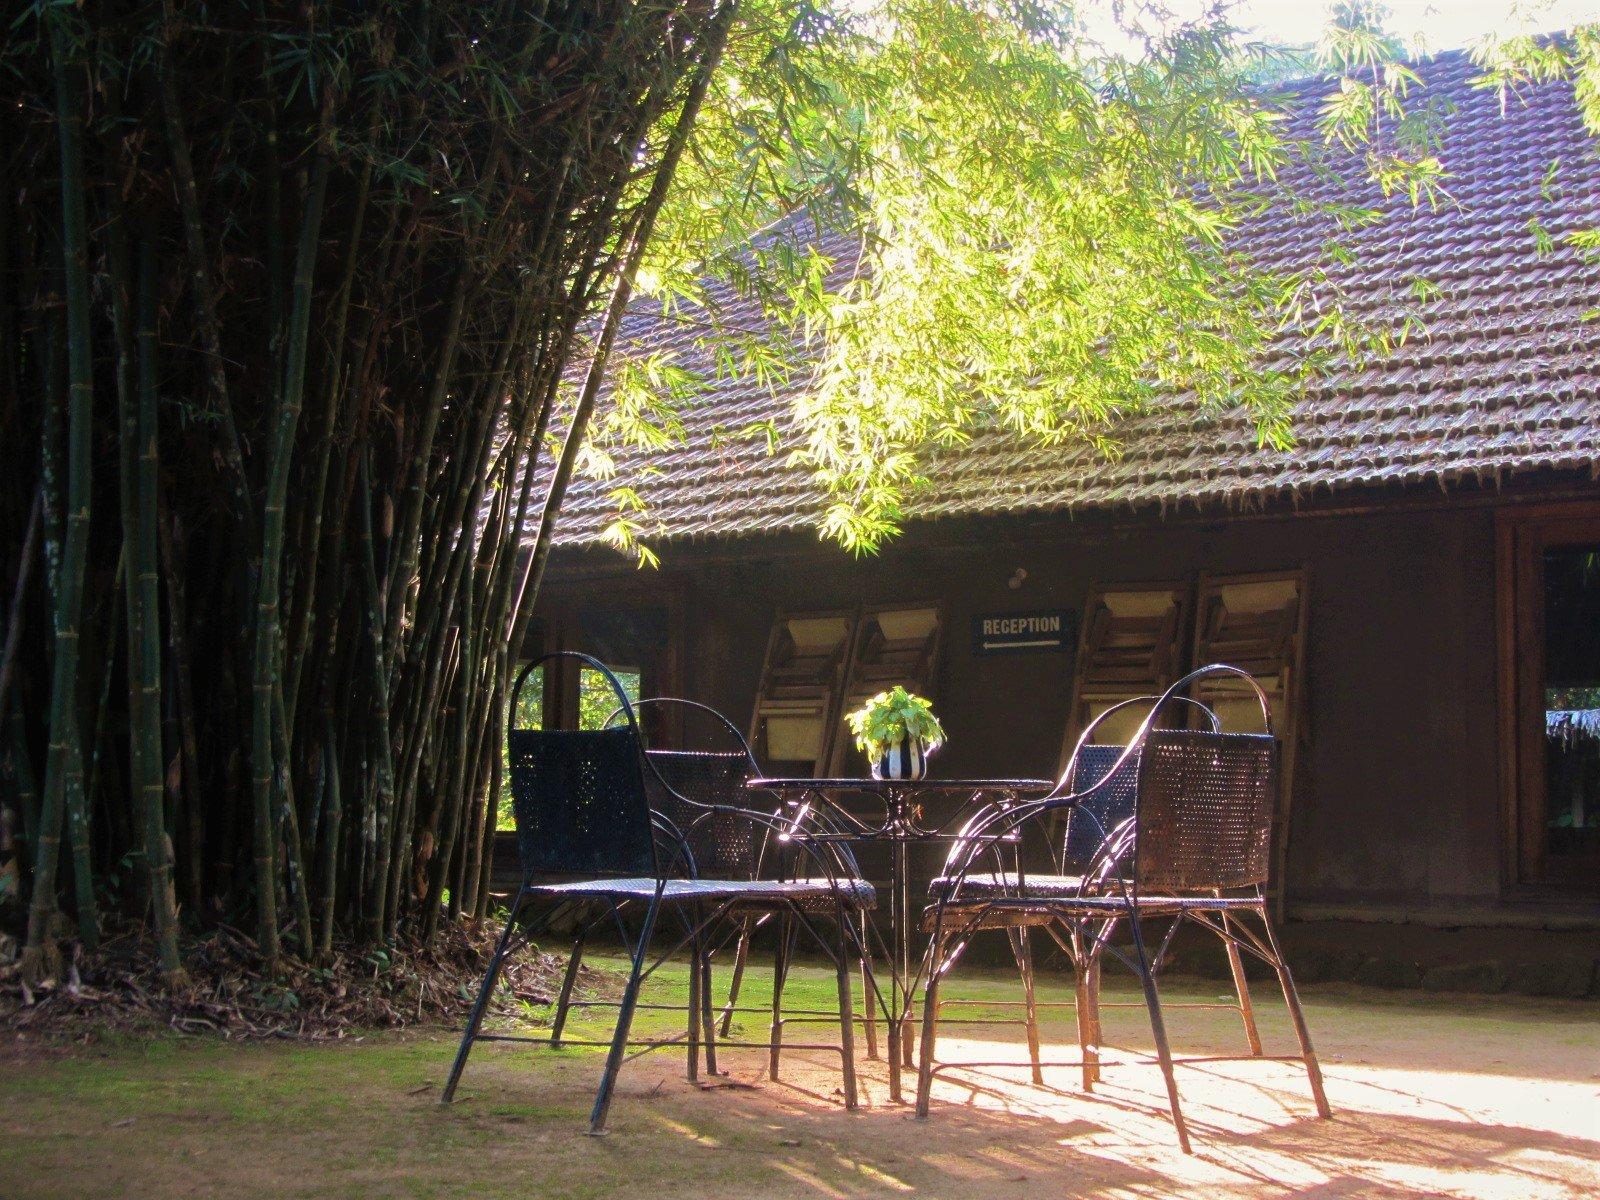 Khung cảnh thanh bình ở Ecolodge Pan House